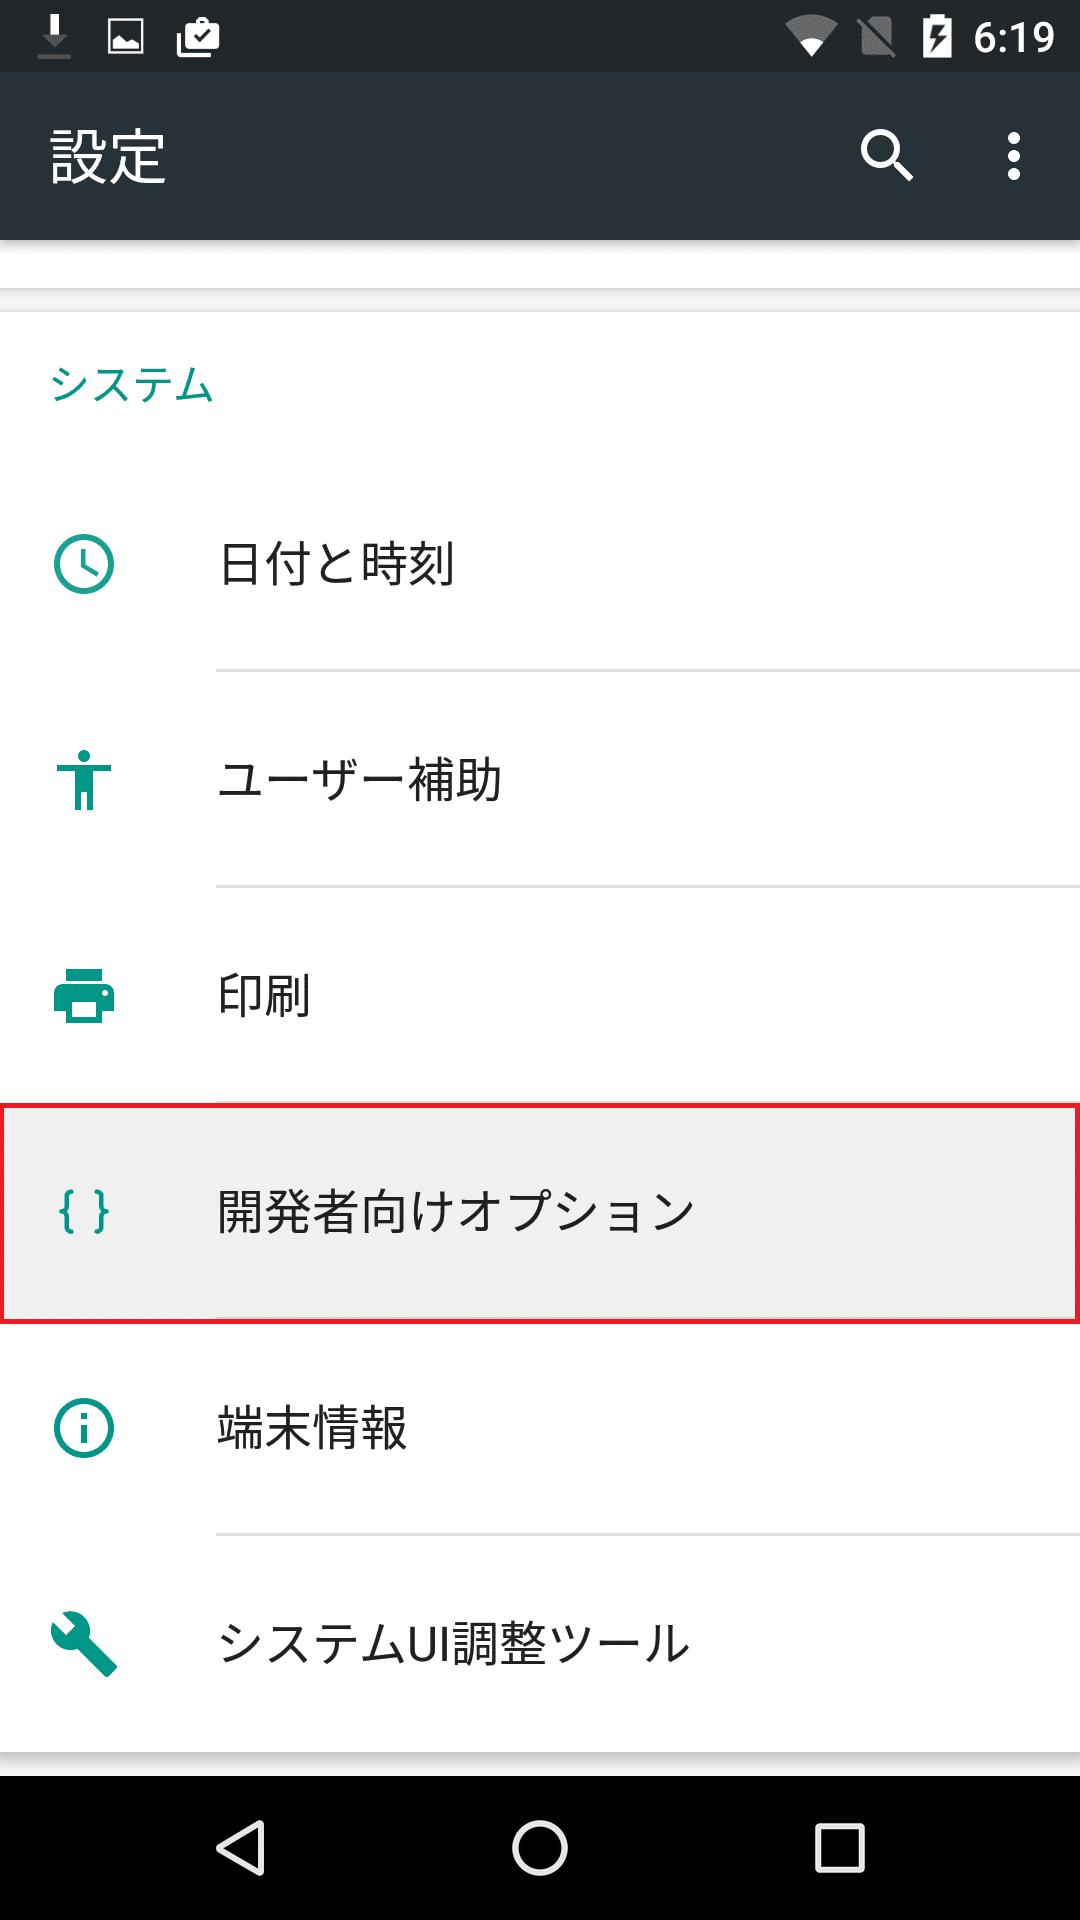 「USB設定の選択」をタップします。デフォルトでは「MTP(Media Transfer Protocol)」となっていますが、その他の項目を選びます。私は「充電のみ」を選びました。